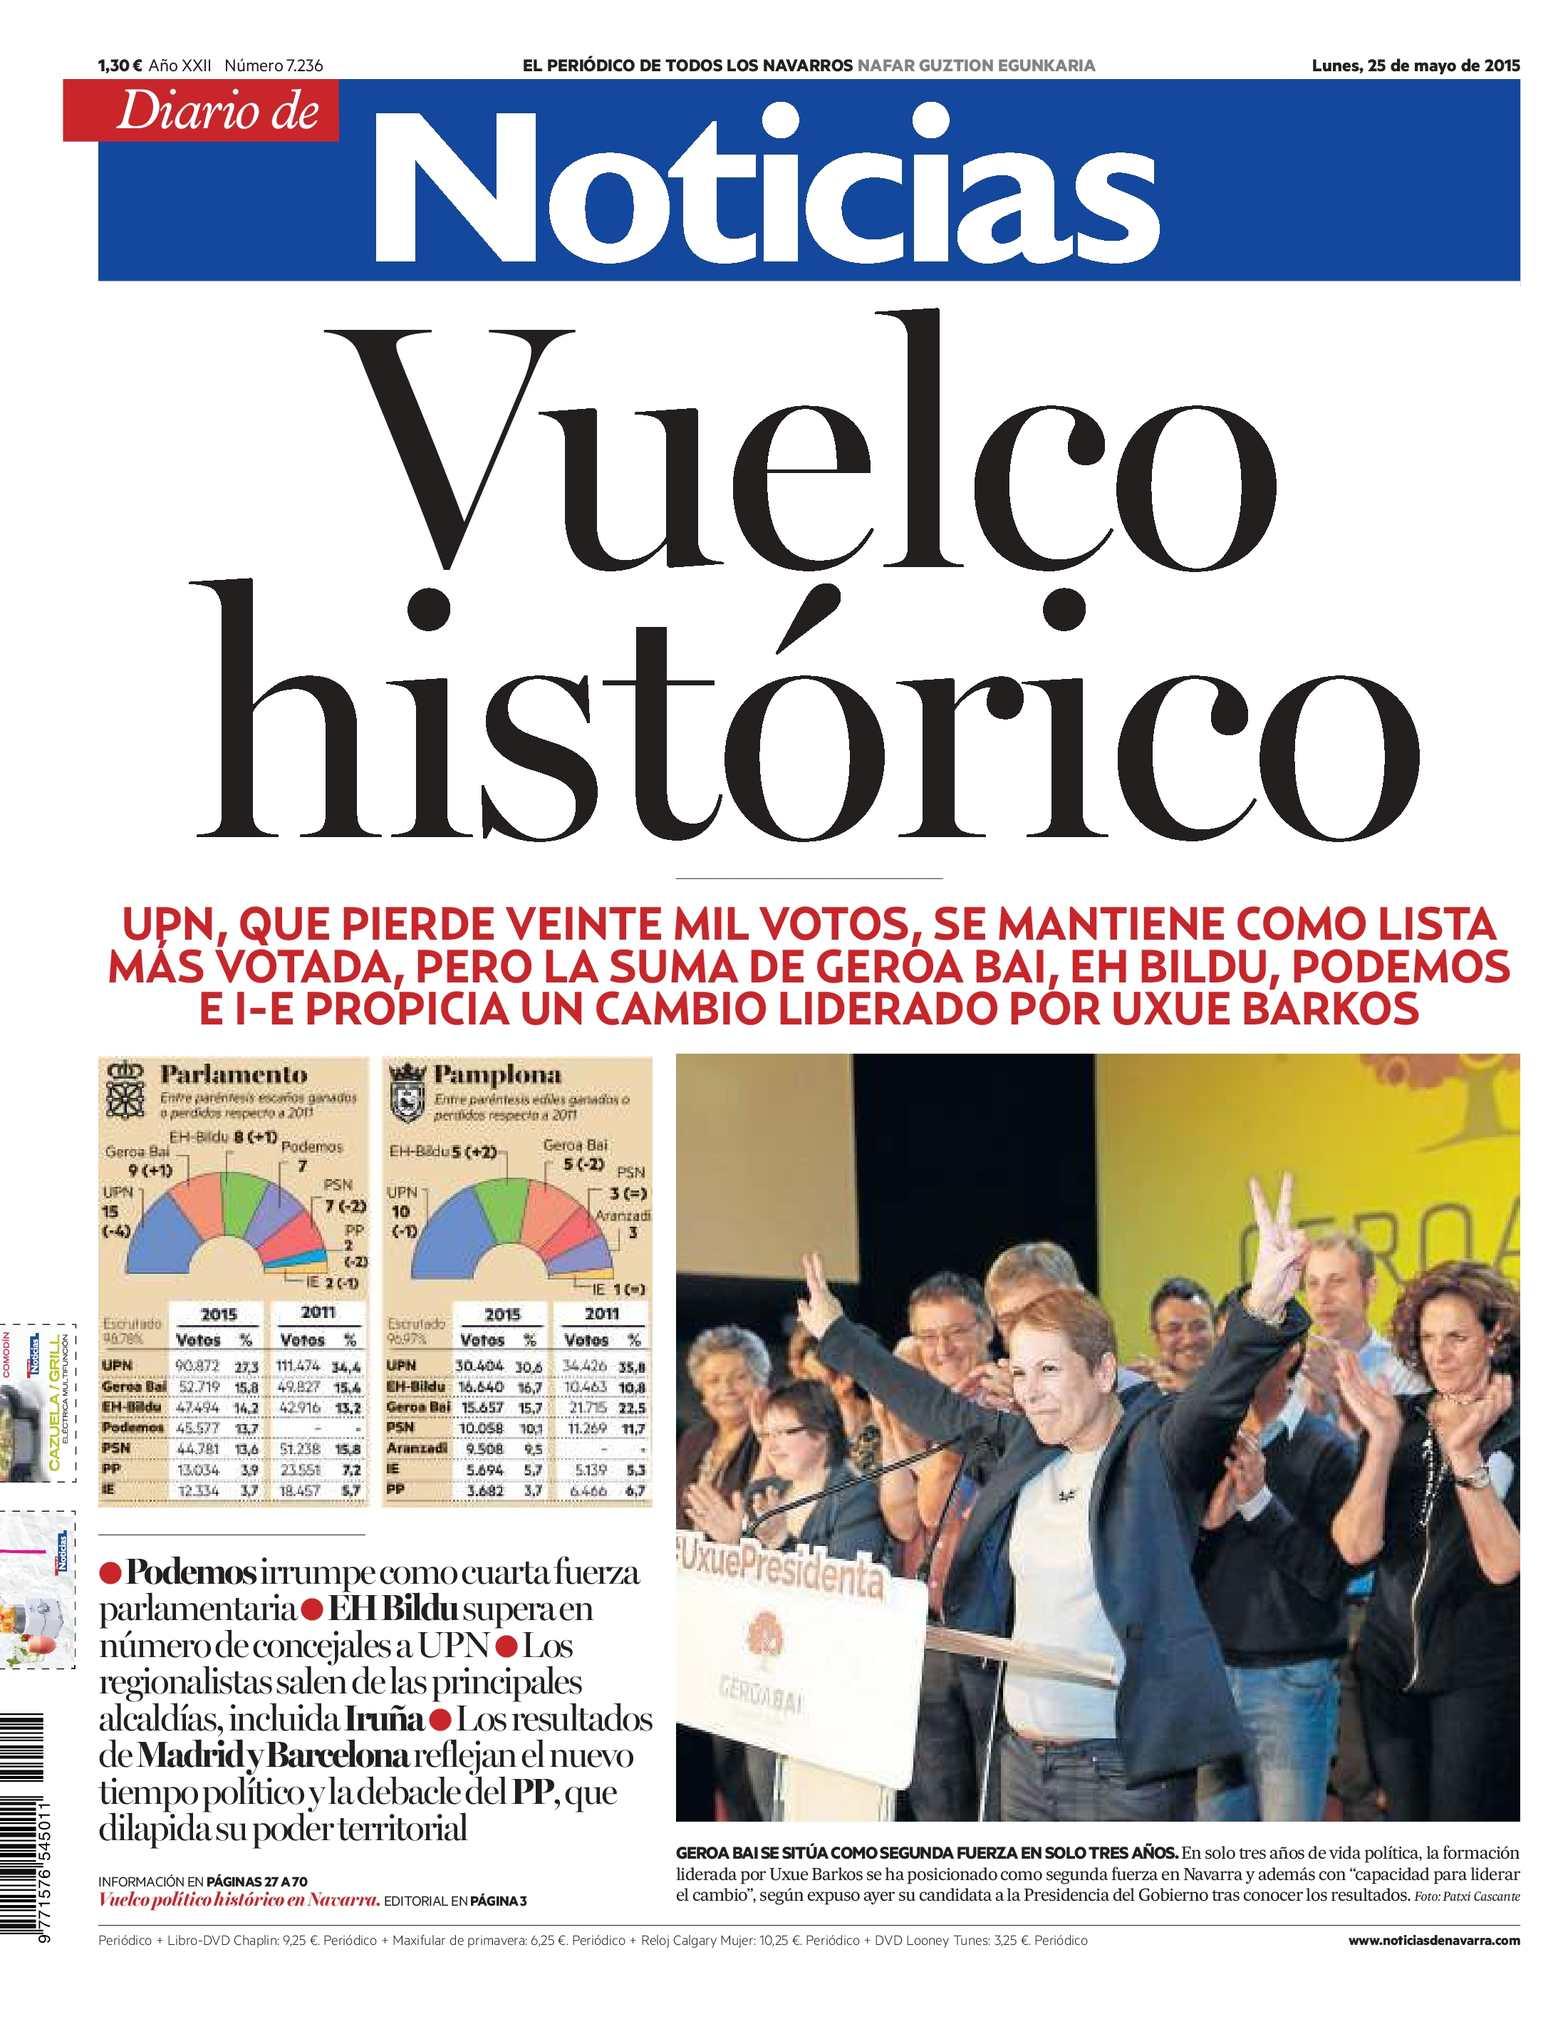 Calaméo - Diario de Noticias 20150525 67f3ed1fa196